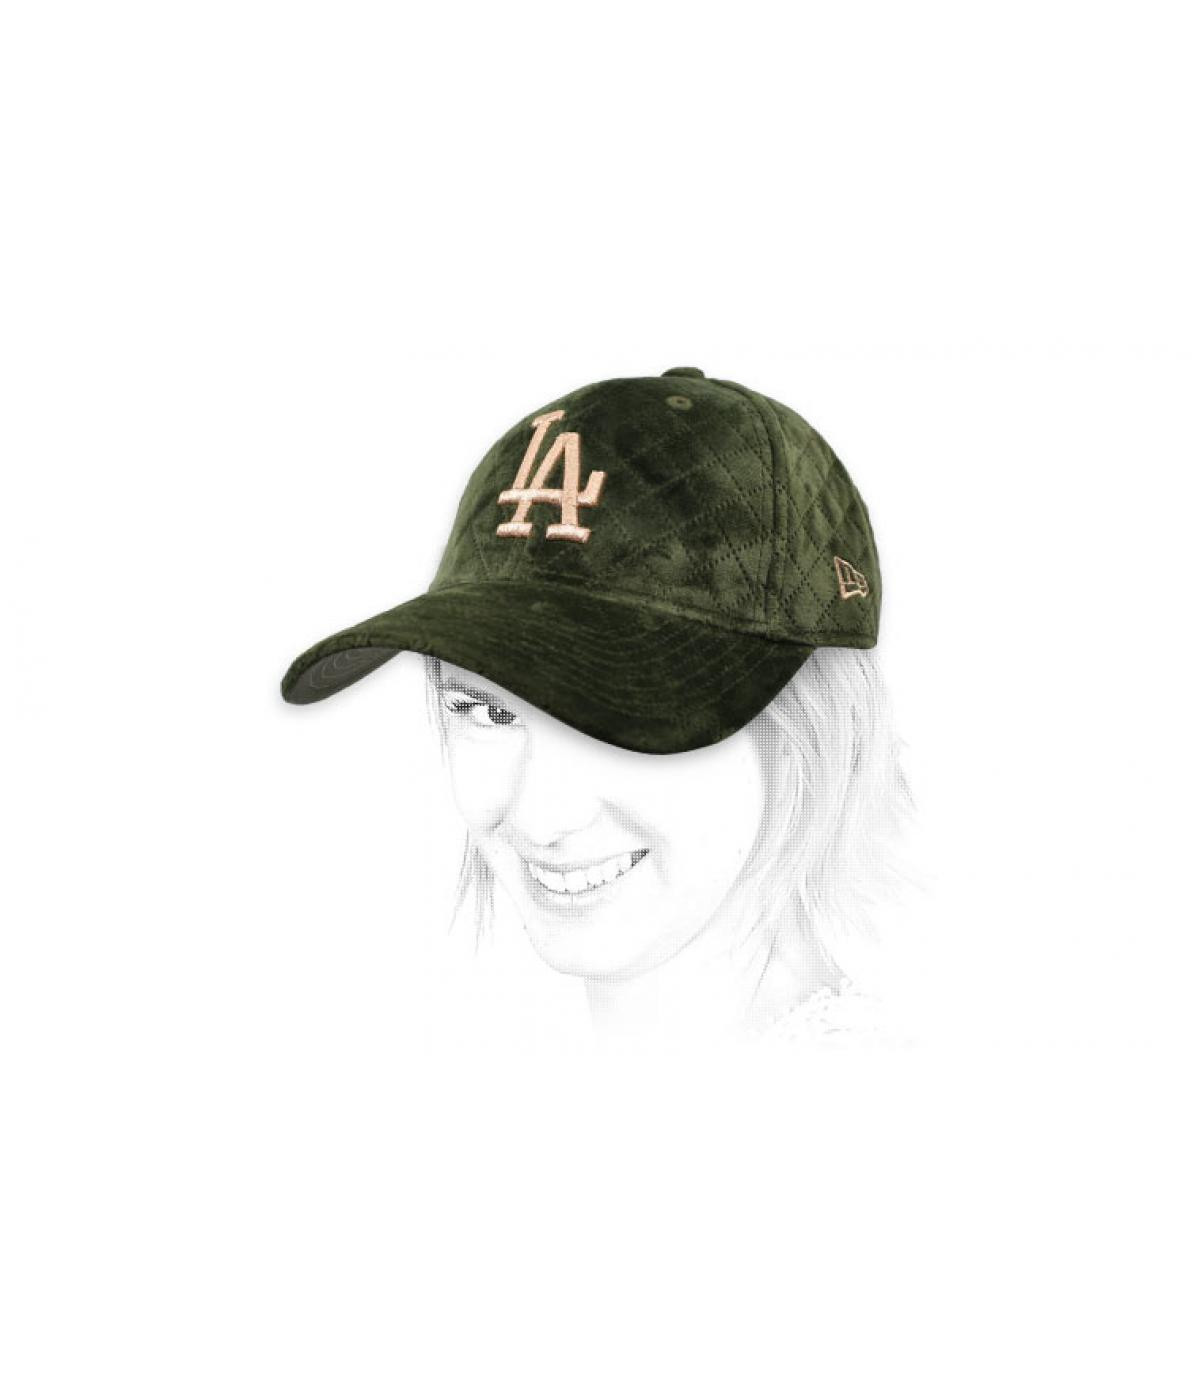 Cappellino da donna LA kakhi